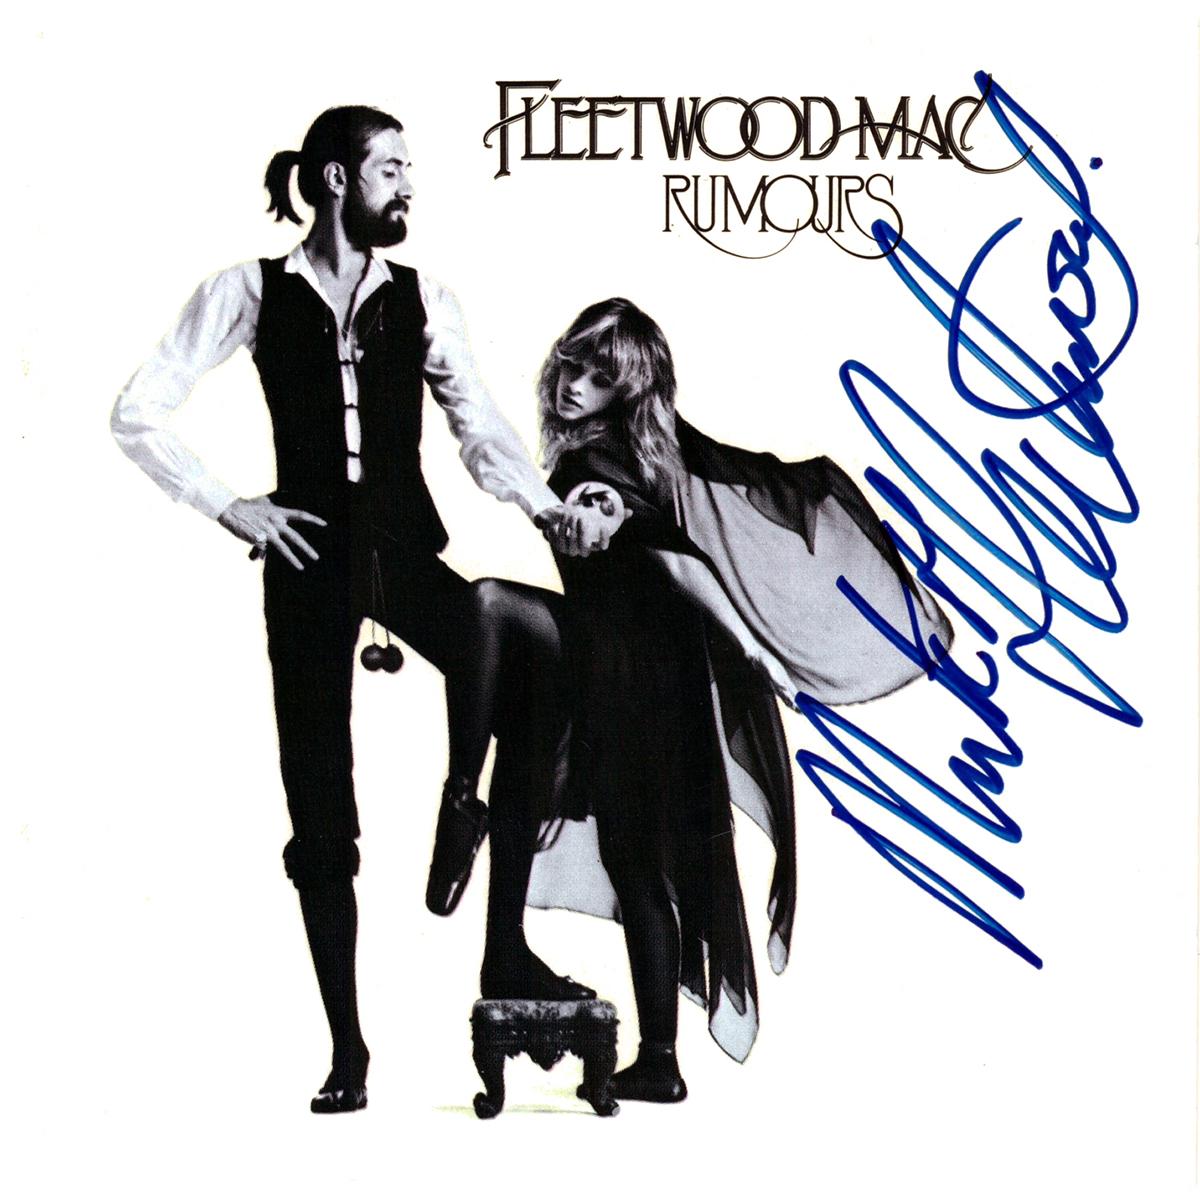 CD Cover - Fleetwood Mac - Rumors #2